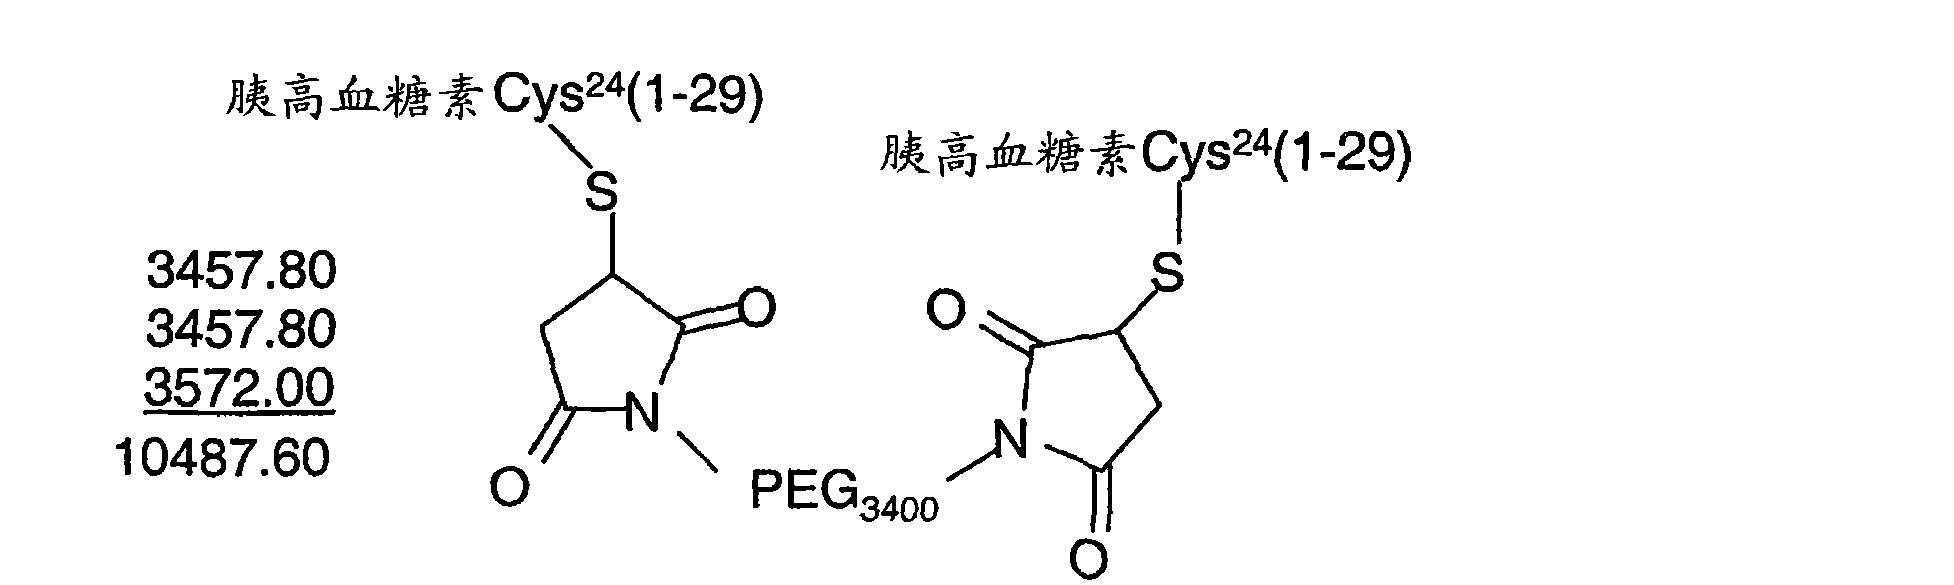 Figure CN101790538BD00382